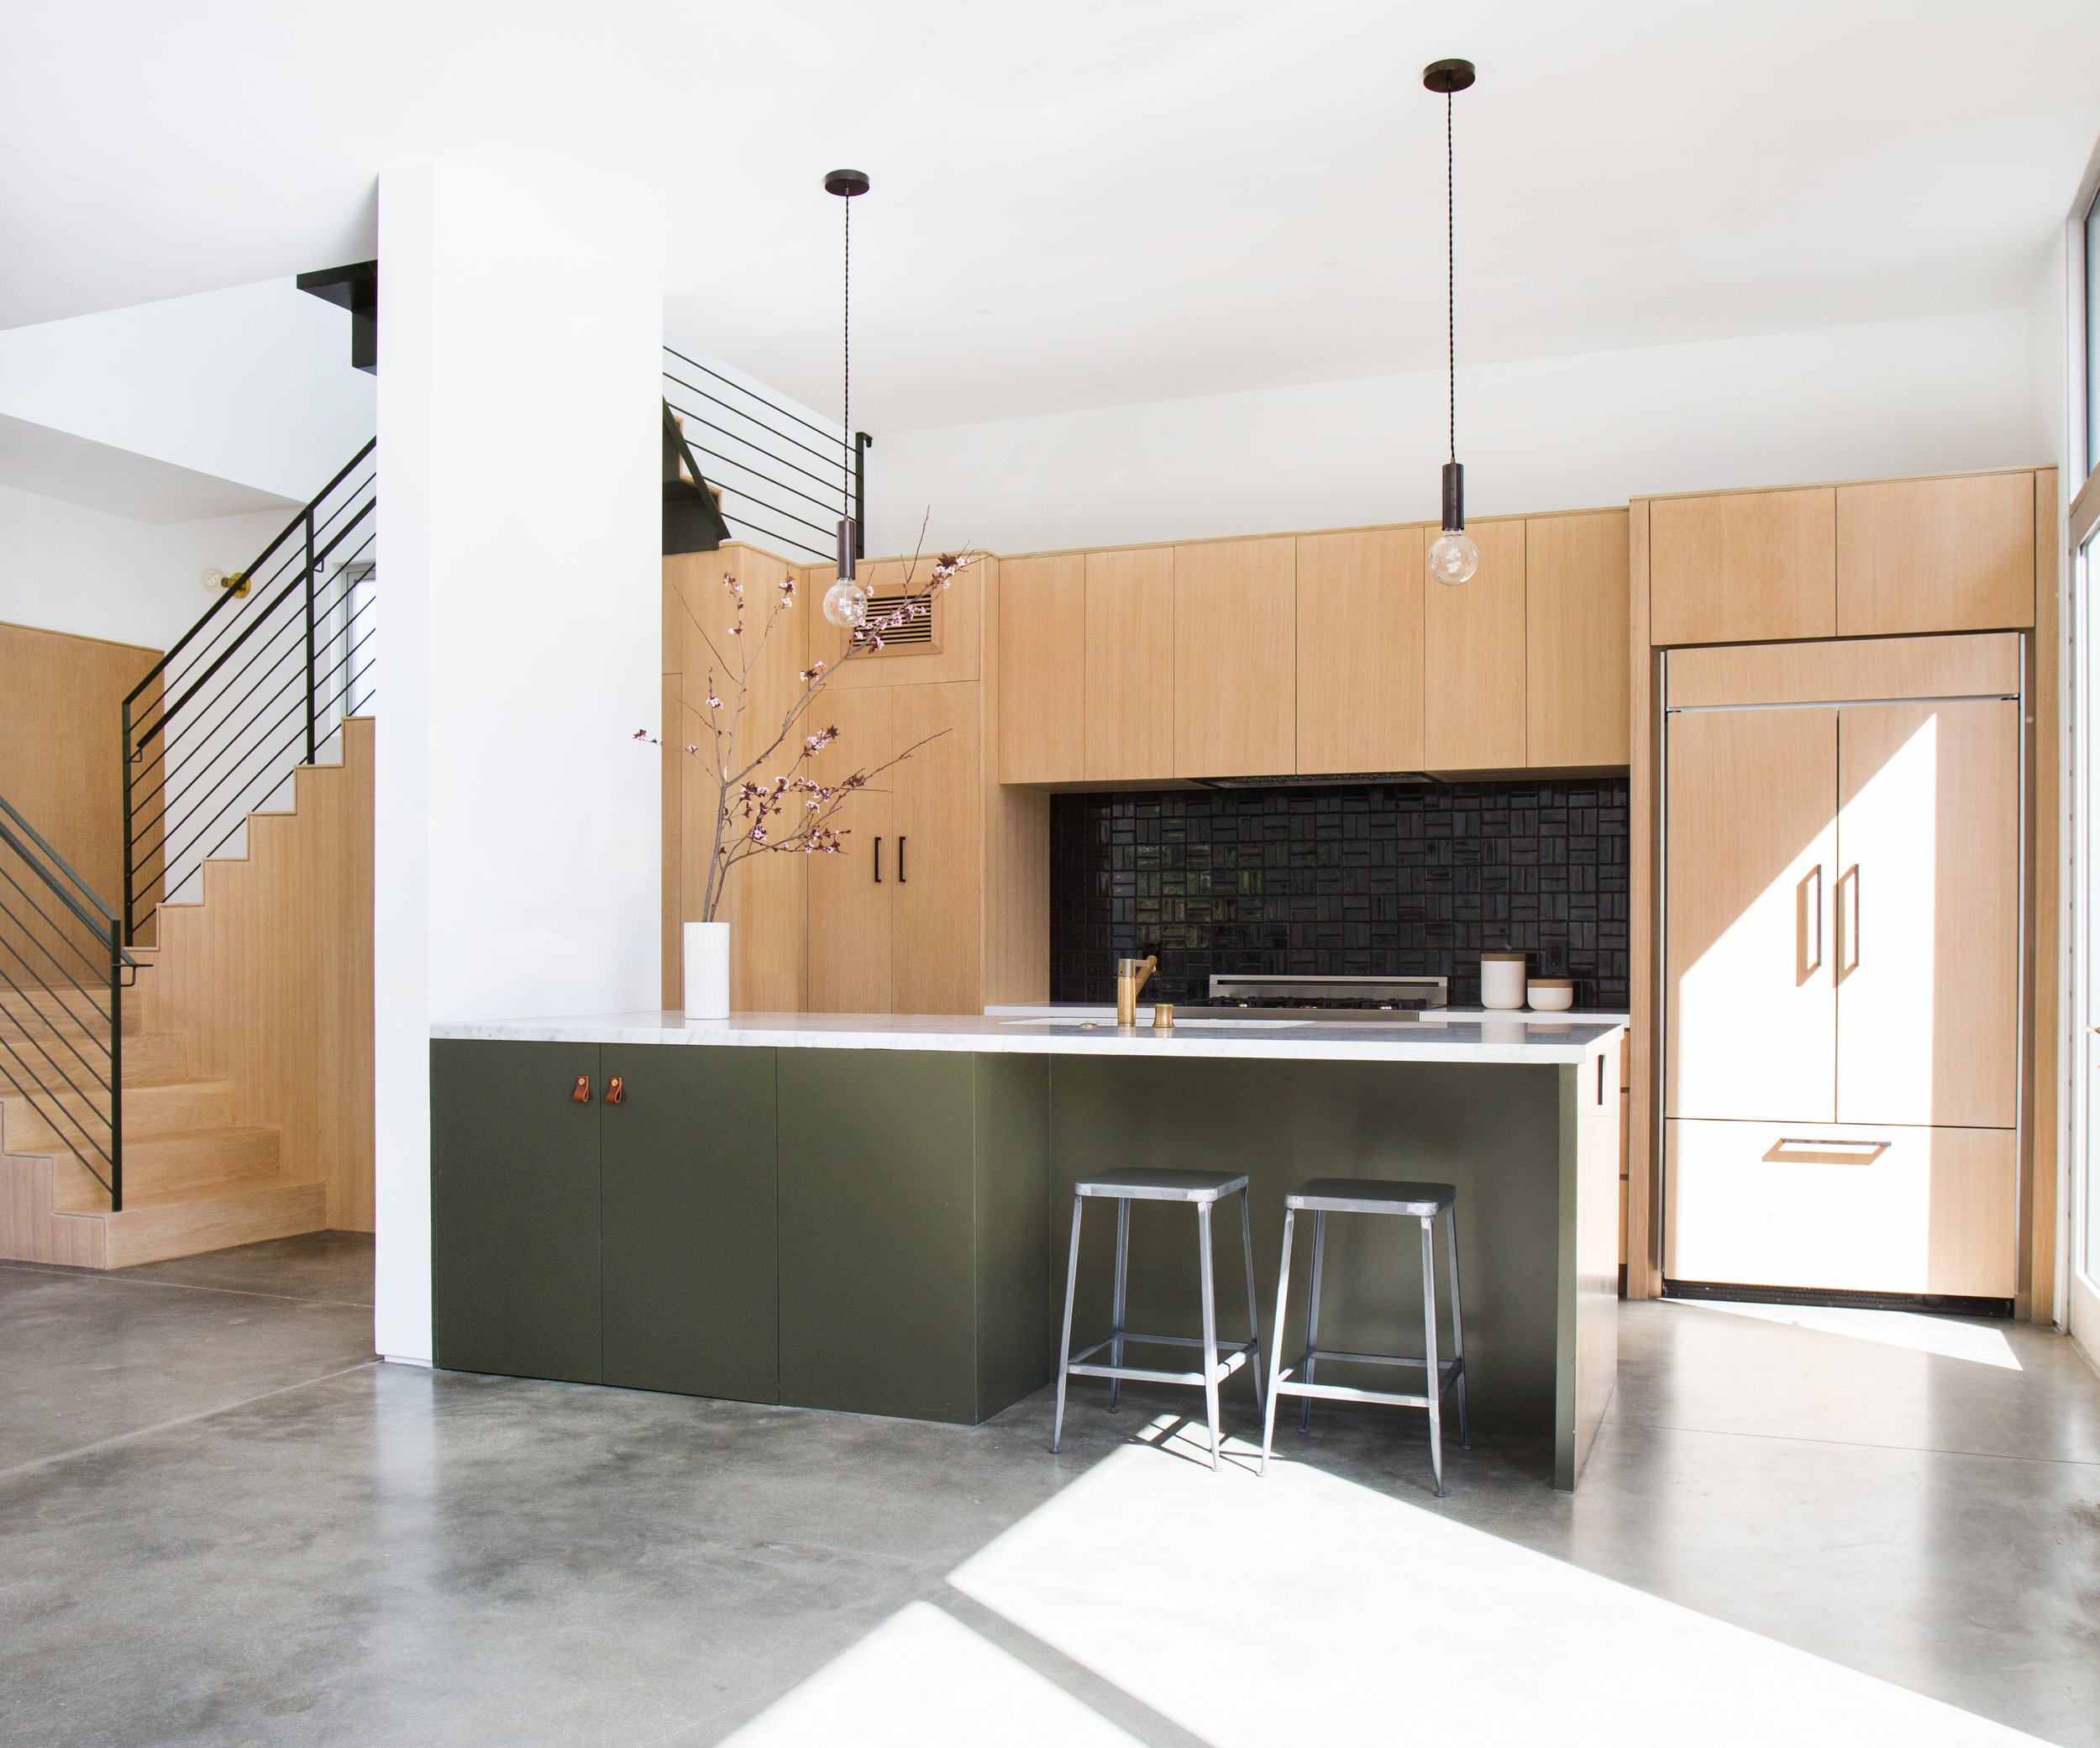 stefanistein-interiors-kitchen-design-remodel-oak-greenery-annsacks-tile-portola-paint